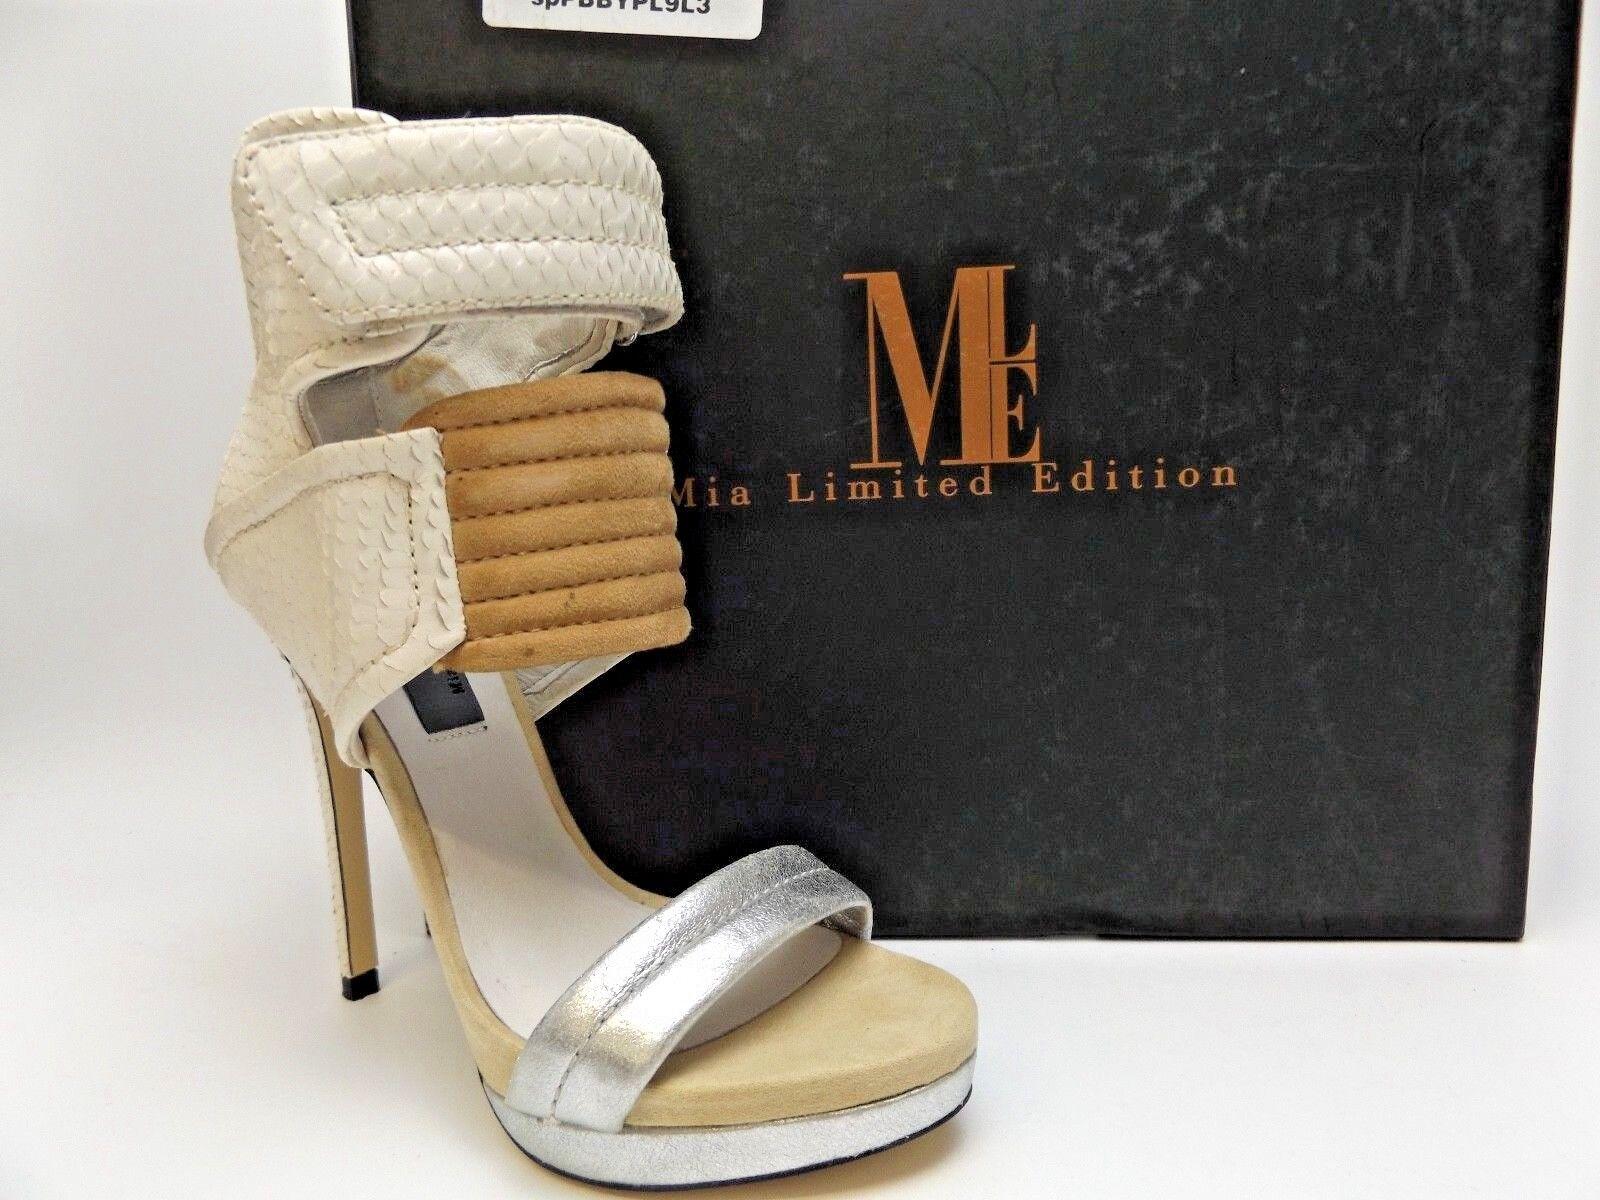 Para mujer Mia Rocco edición limitada limitada limitada de Serpiente blancoo Talla 6.0 m  350 Nueva Pantalla D4632  tienda en linea